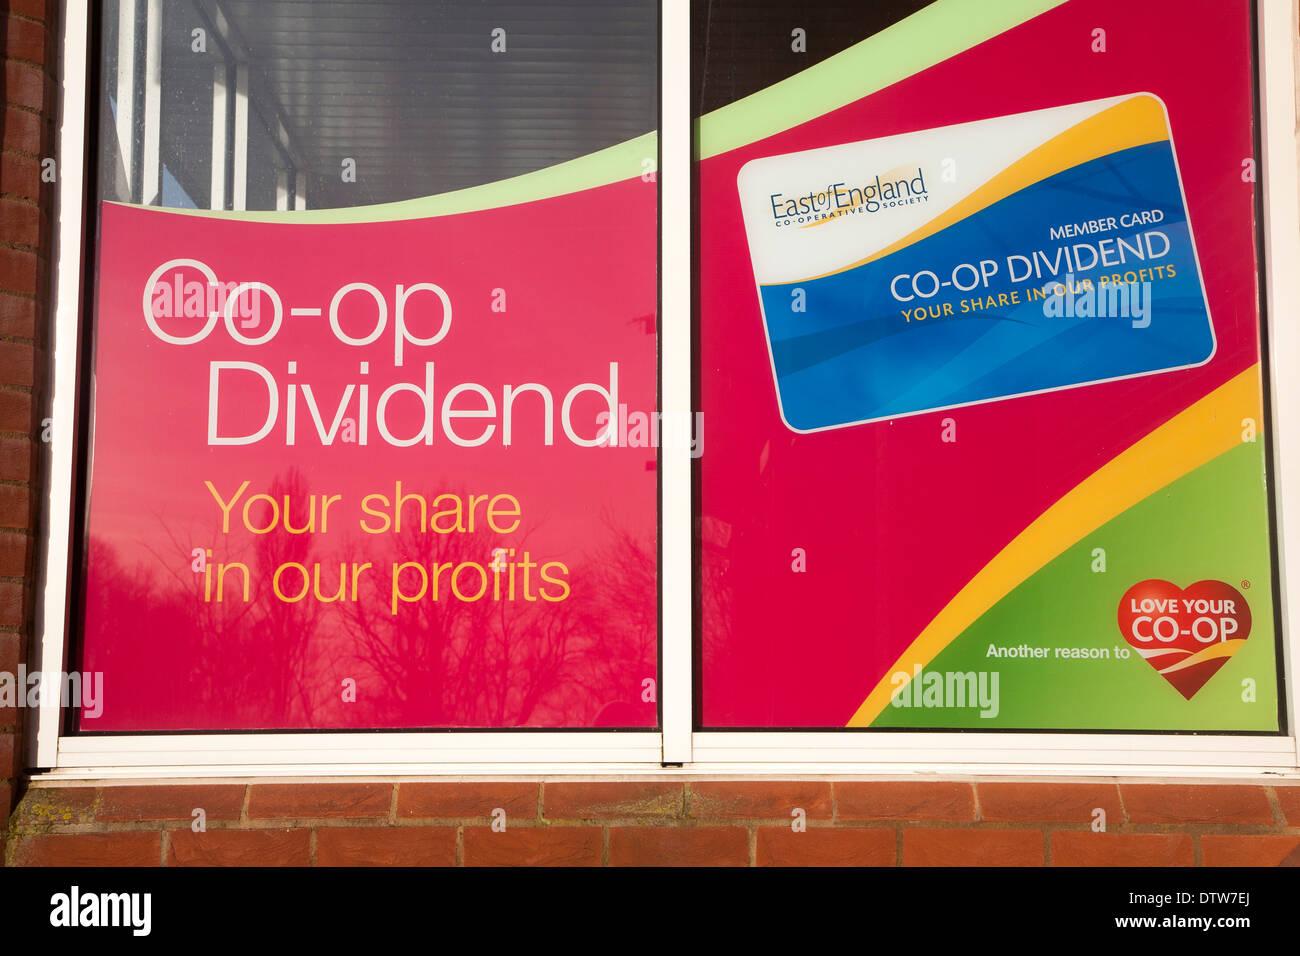 Co-op dividendo anunciado plan de participación de beneficios en los escaparates de las tiendas, al este de Inglaterra, Sociedad Cooperativa, en Suffolk, Inglaterra Imagen De Stock